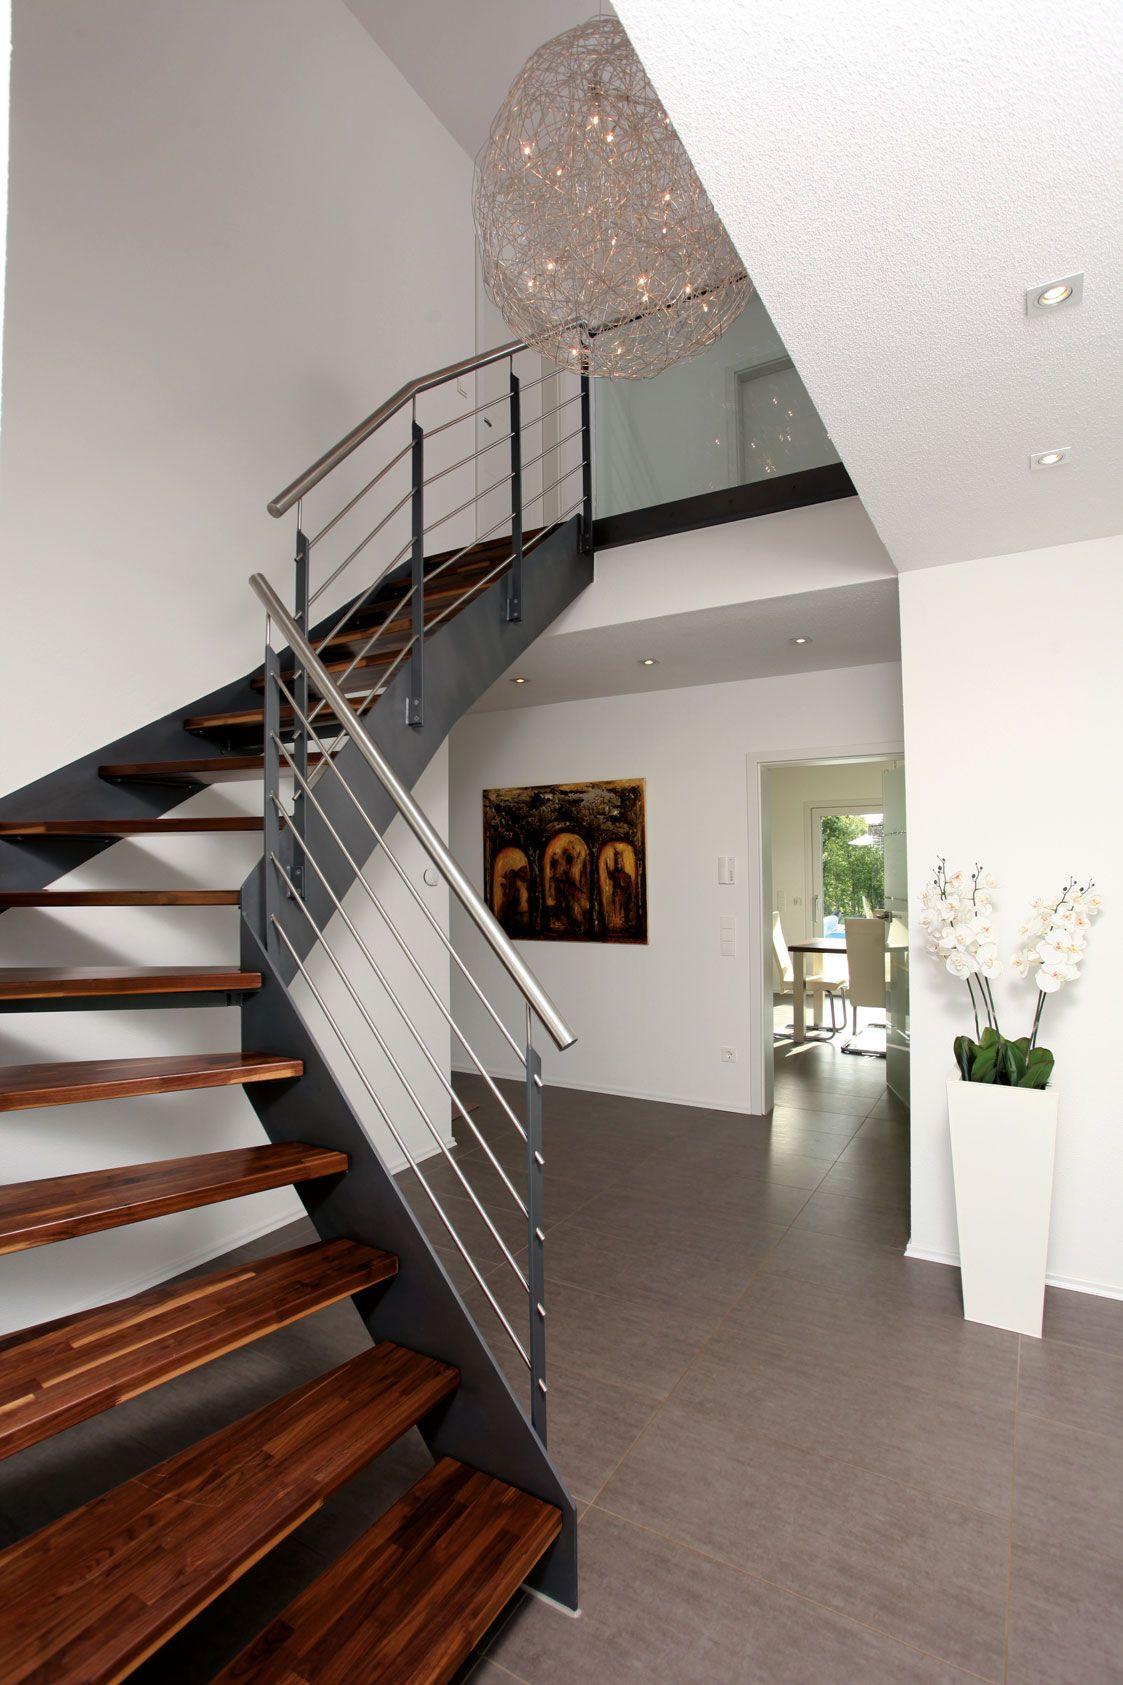 ideen - Fantastisch Wunderbare Dekoration Jeder Raum Im Haus Hat Teppich Anforderungen Sehr Unterschiedlich Sind